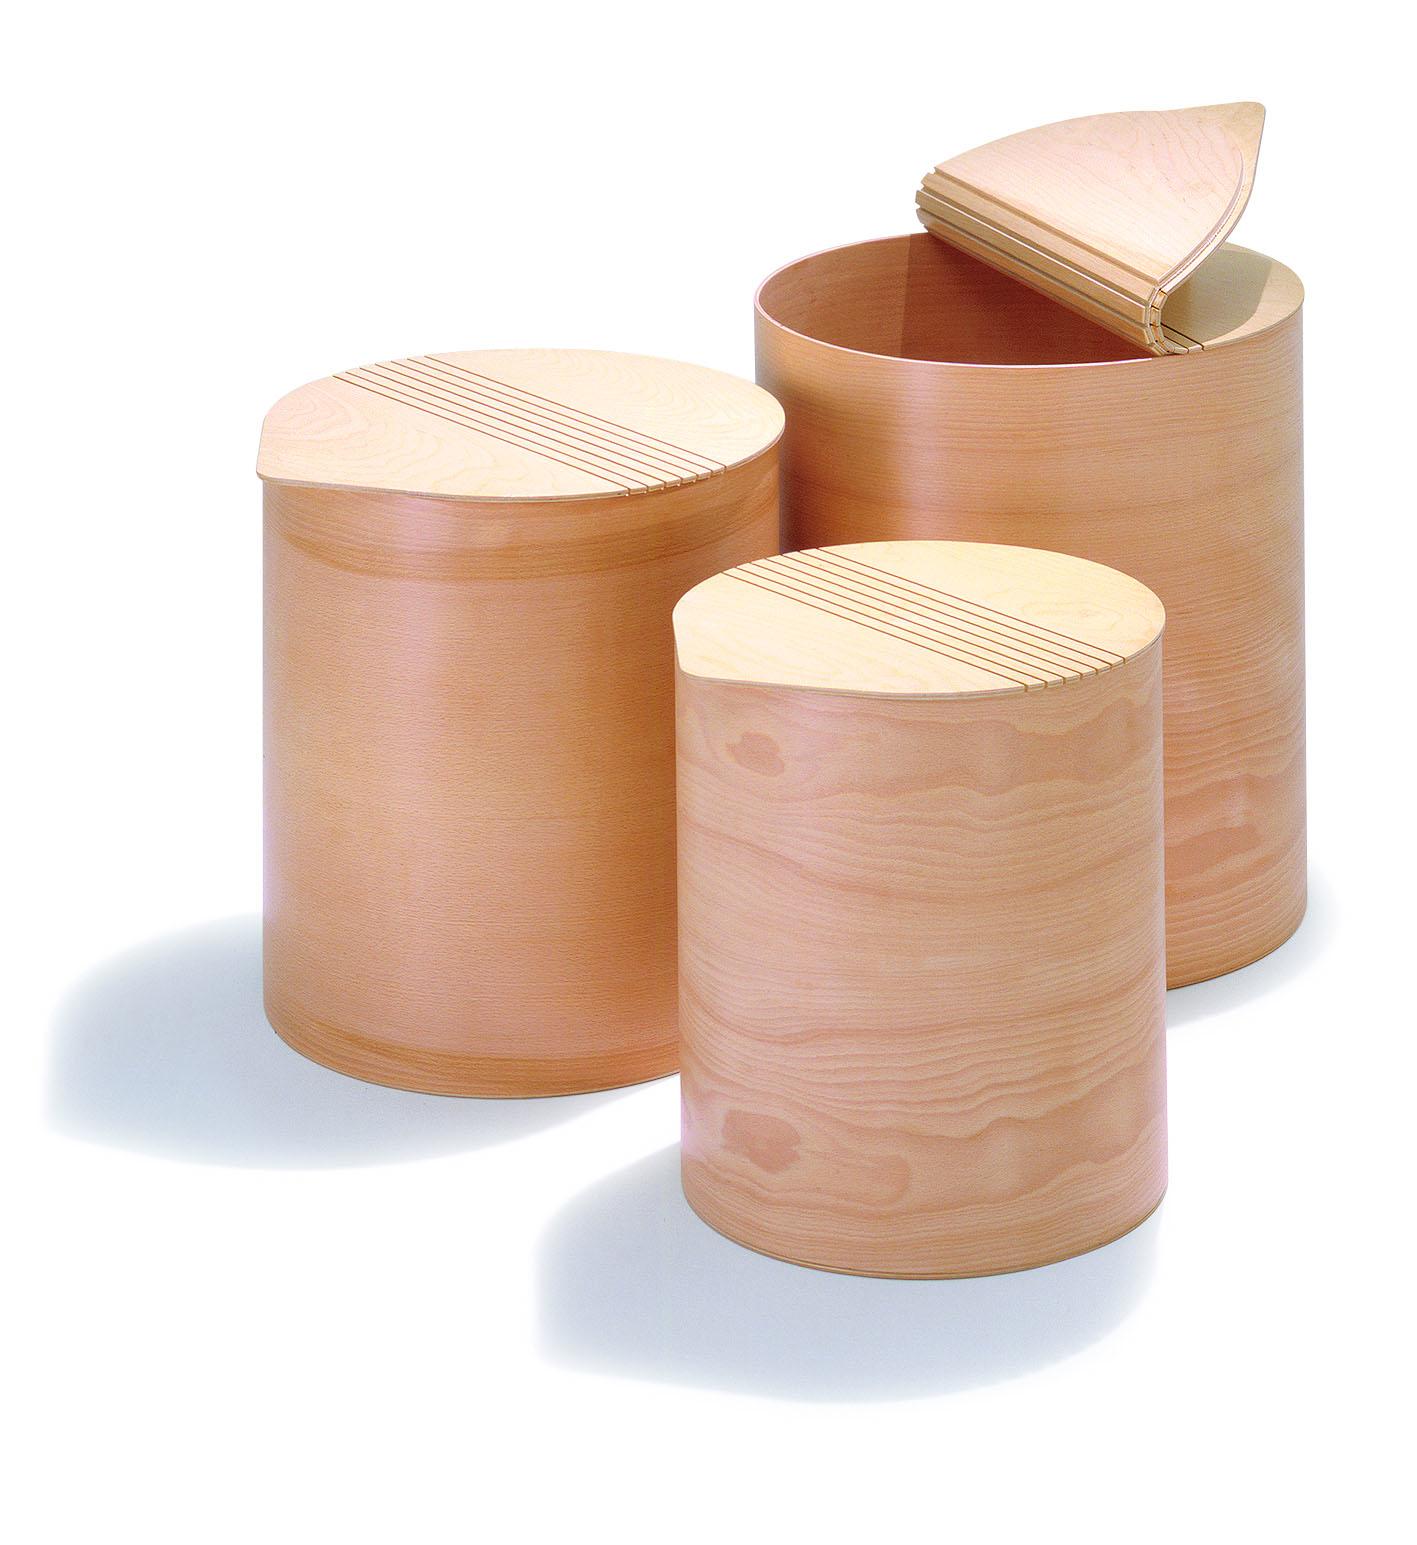 Pinketta contenitore portabiancheria rotondo in legno - Portabiancheria design ...